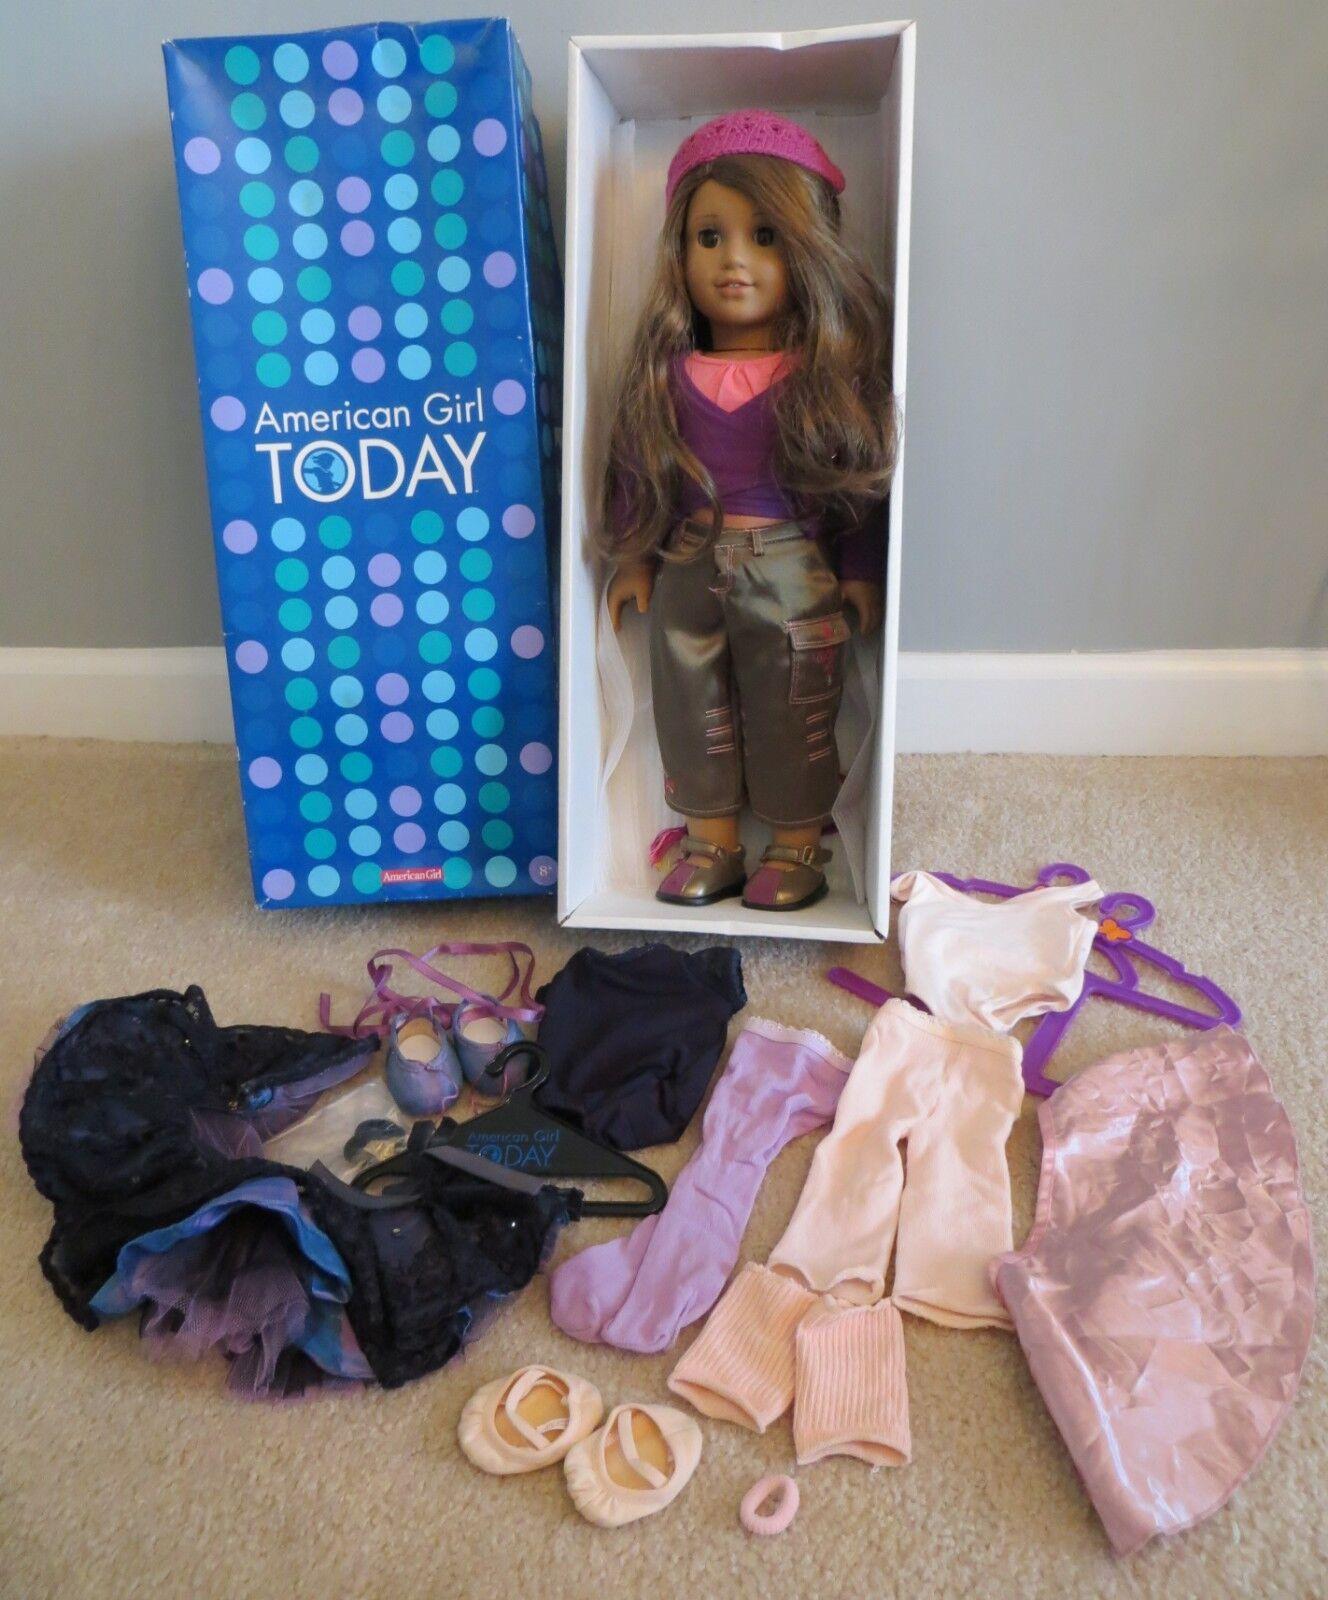 Vintage Muñeca American Girl hoy Marisol con libro en Caja Original + 2 conjuntos de ropa